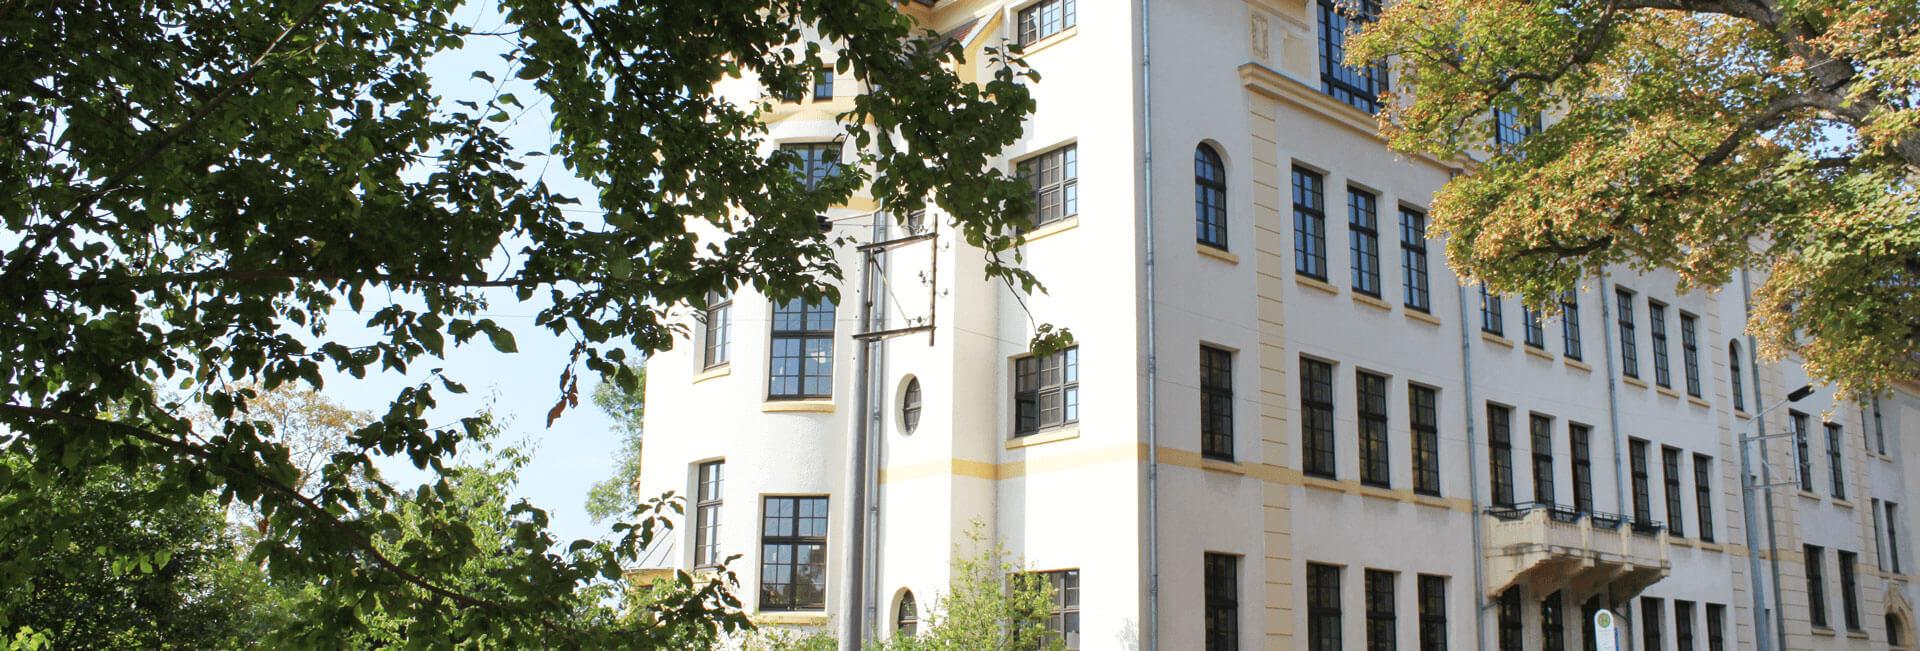 http://schach.arnoldi-gym.de/wp-content/uploads/2016/11/schule-strasse-header-arnoldi.jpg